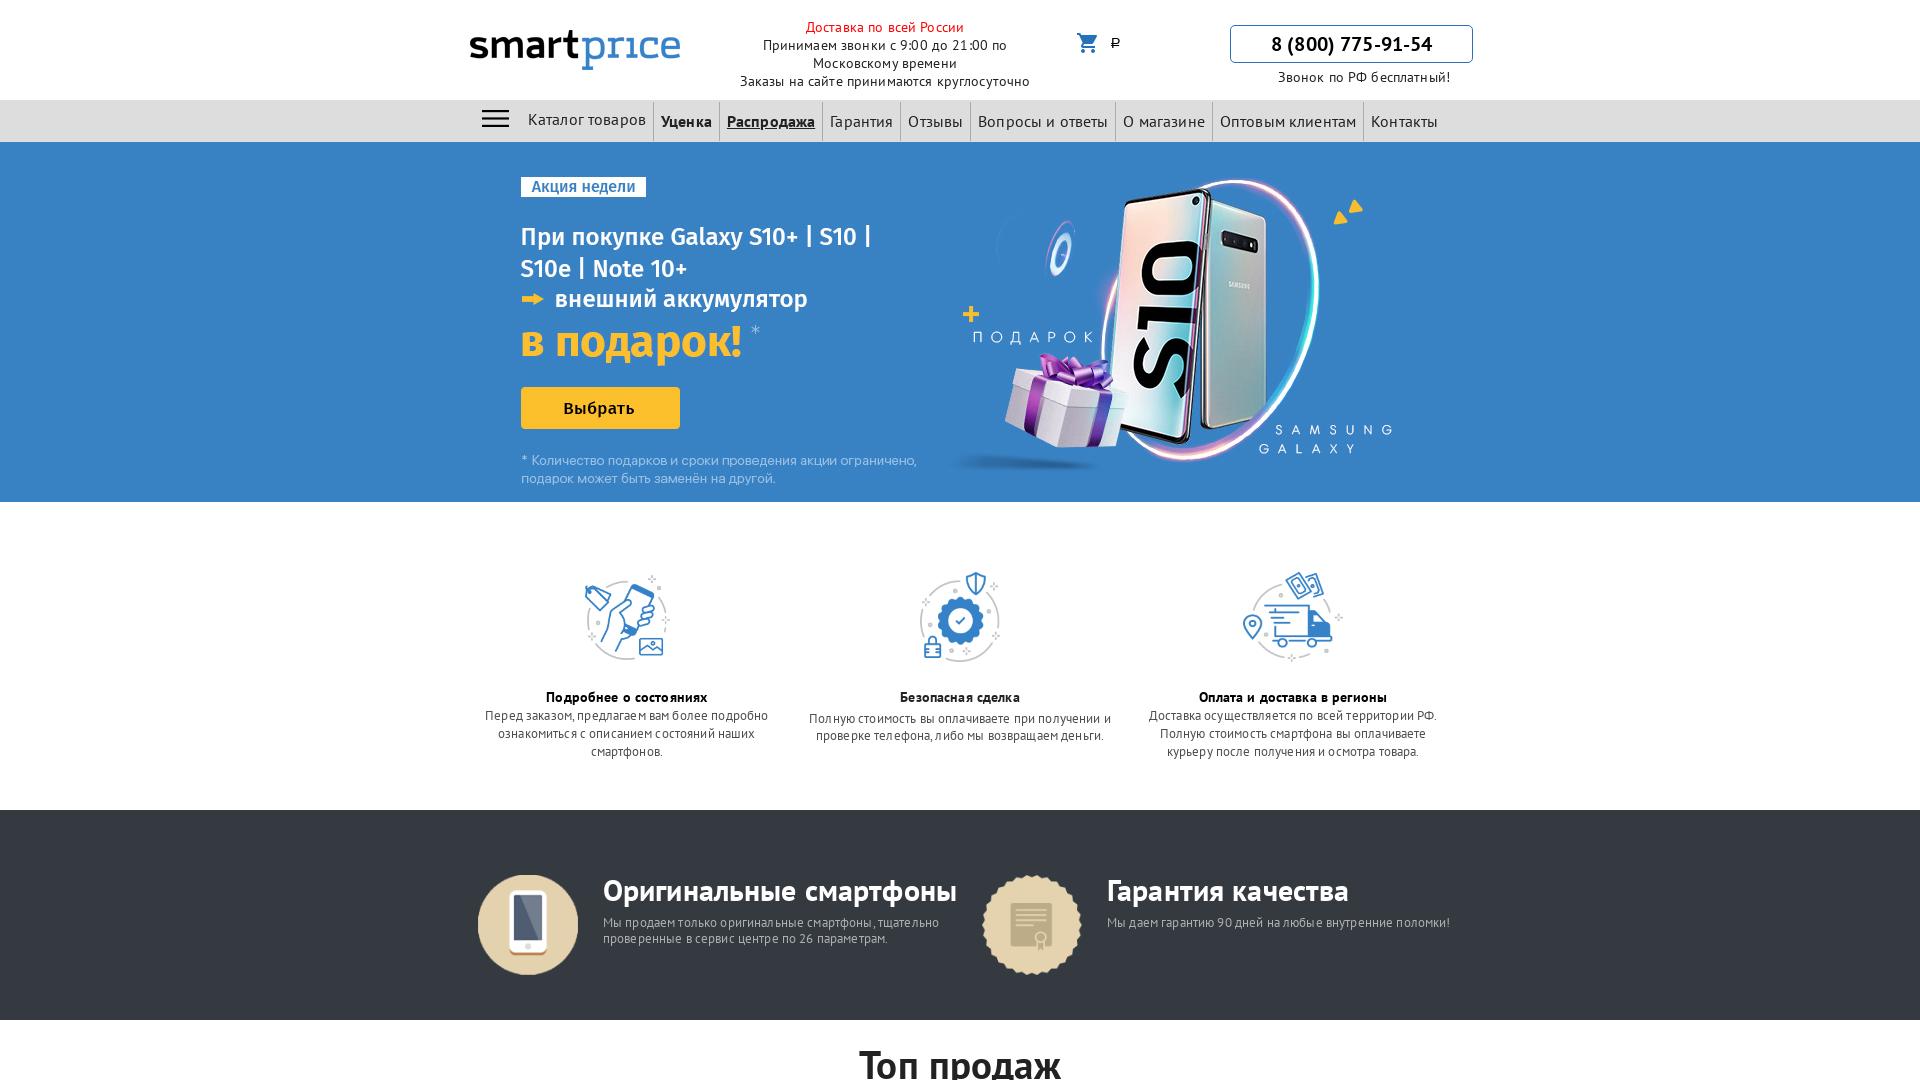 Smartprice website